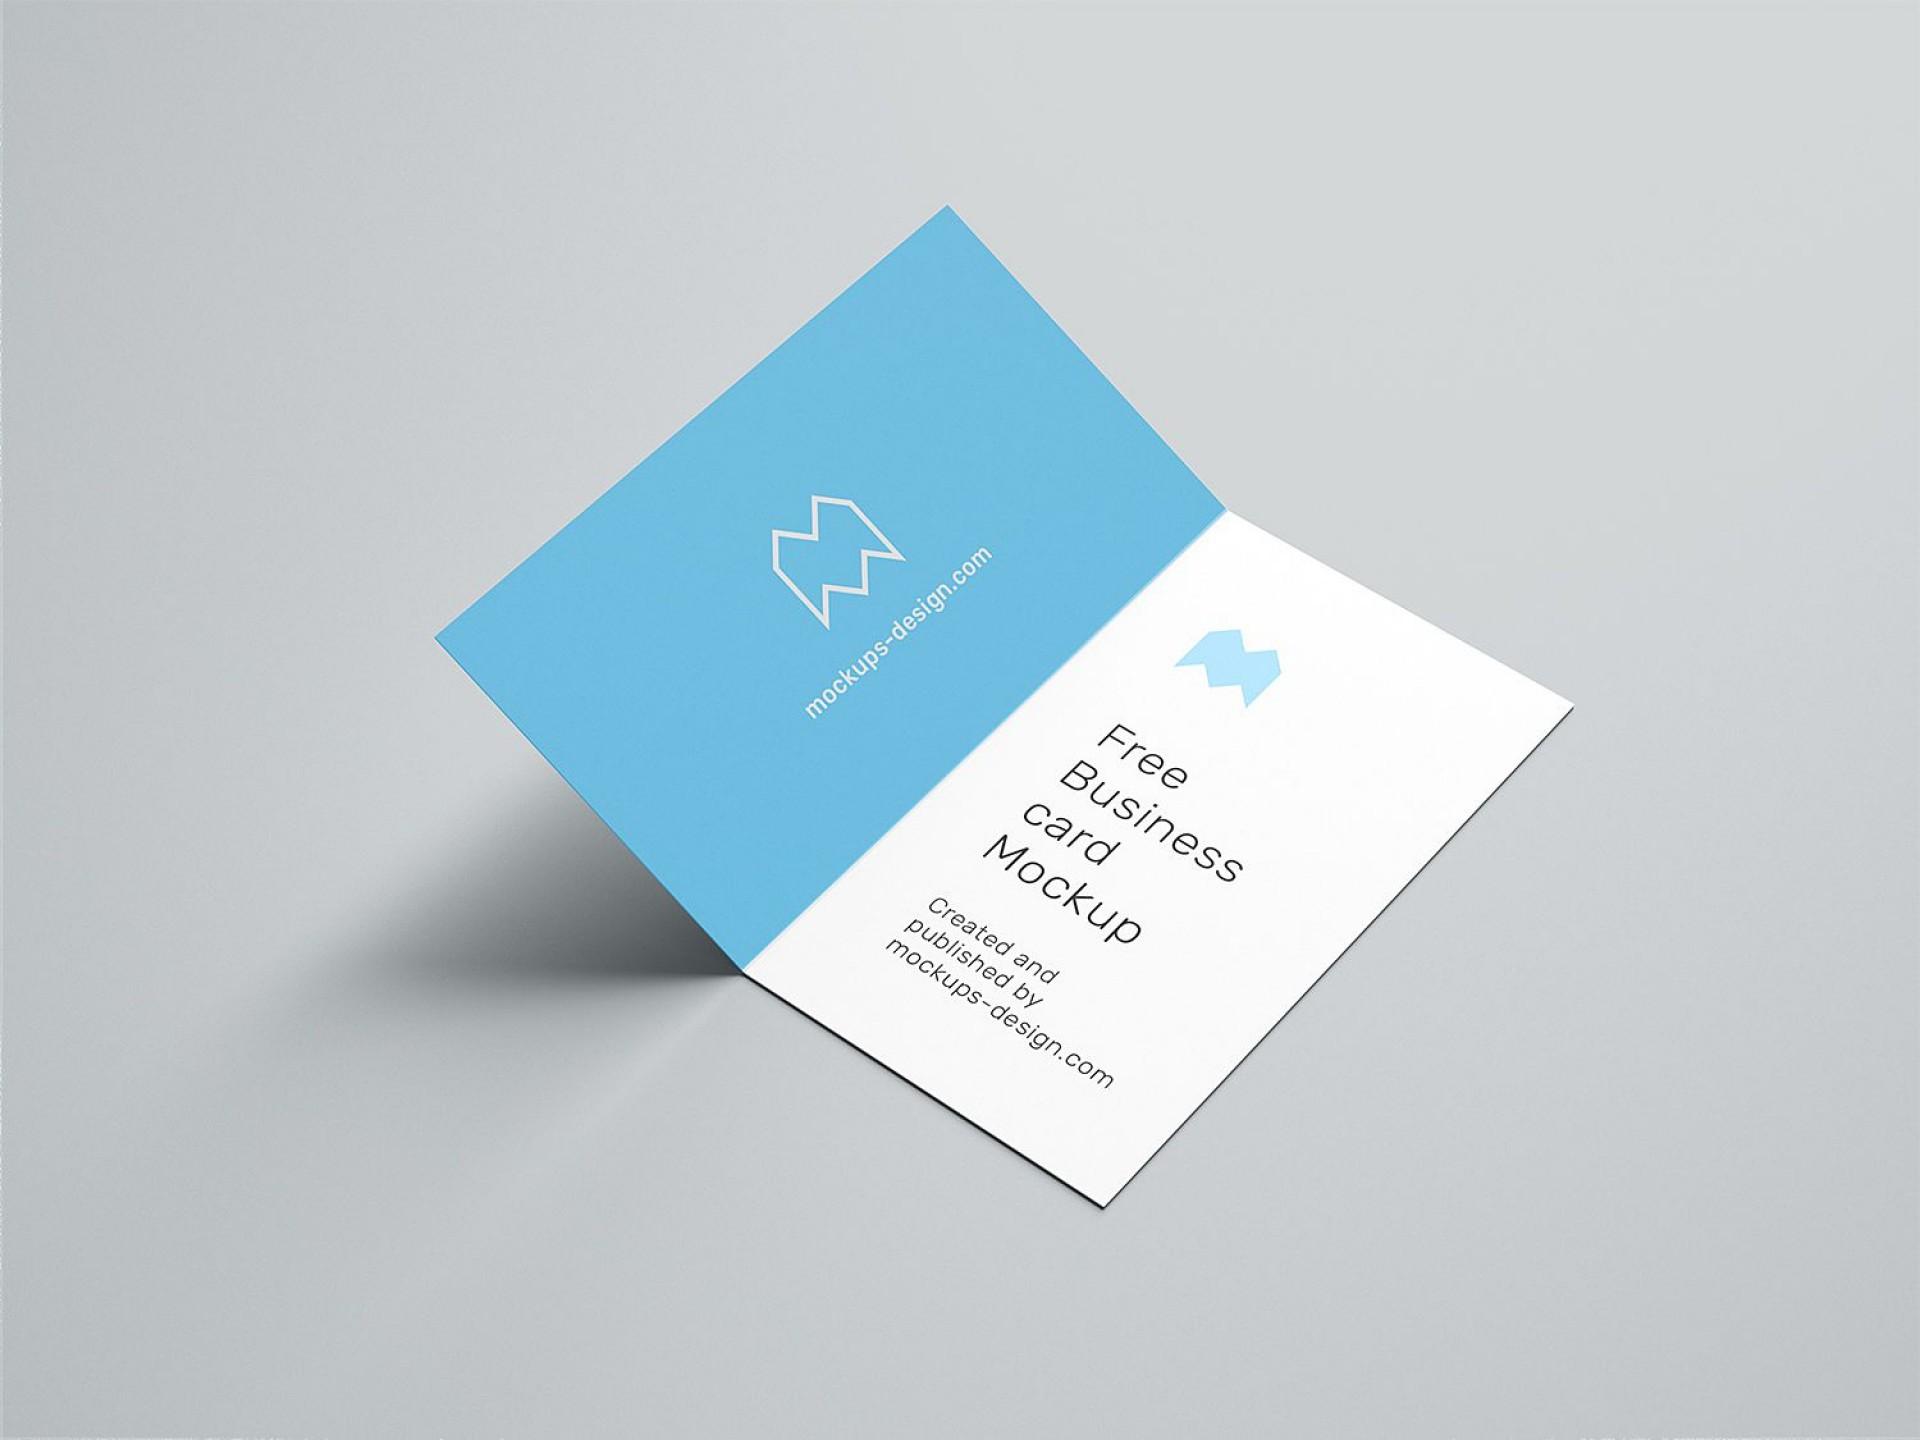 005 Shocking Folding Busines Card Template Image  Folded Photoshop Ai Free1920